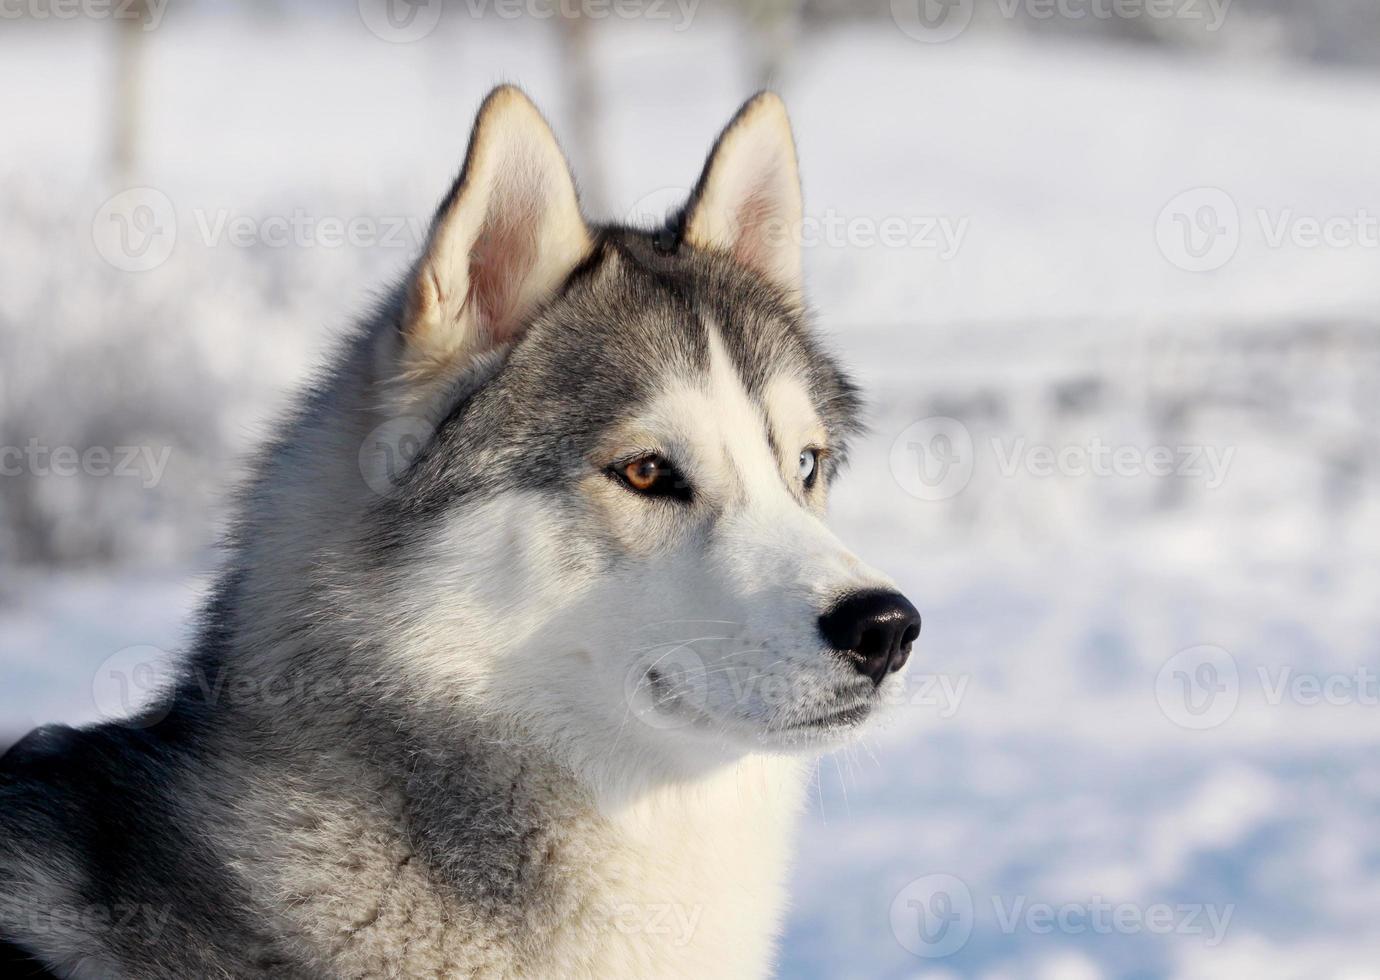 Husky-Hund in einer schneebedeckten Winterlandschaft foto